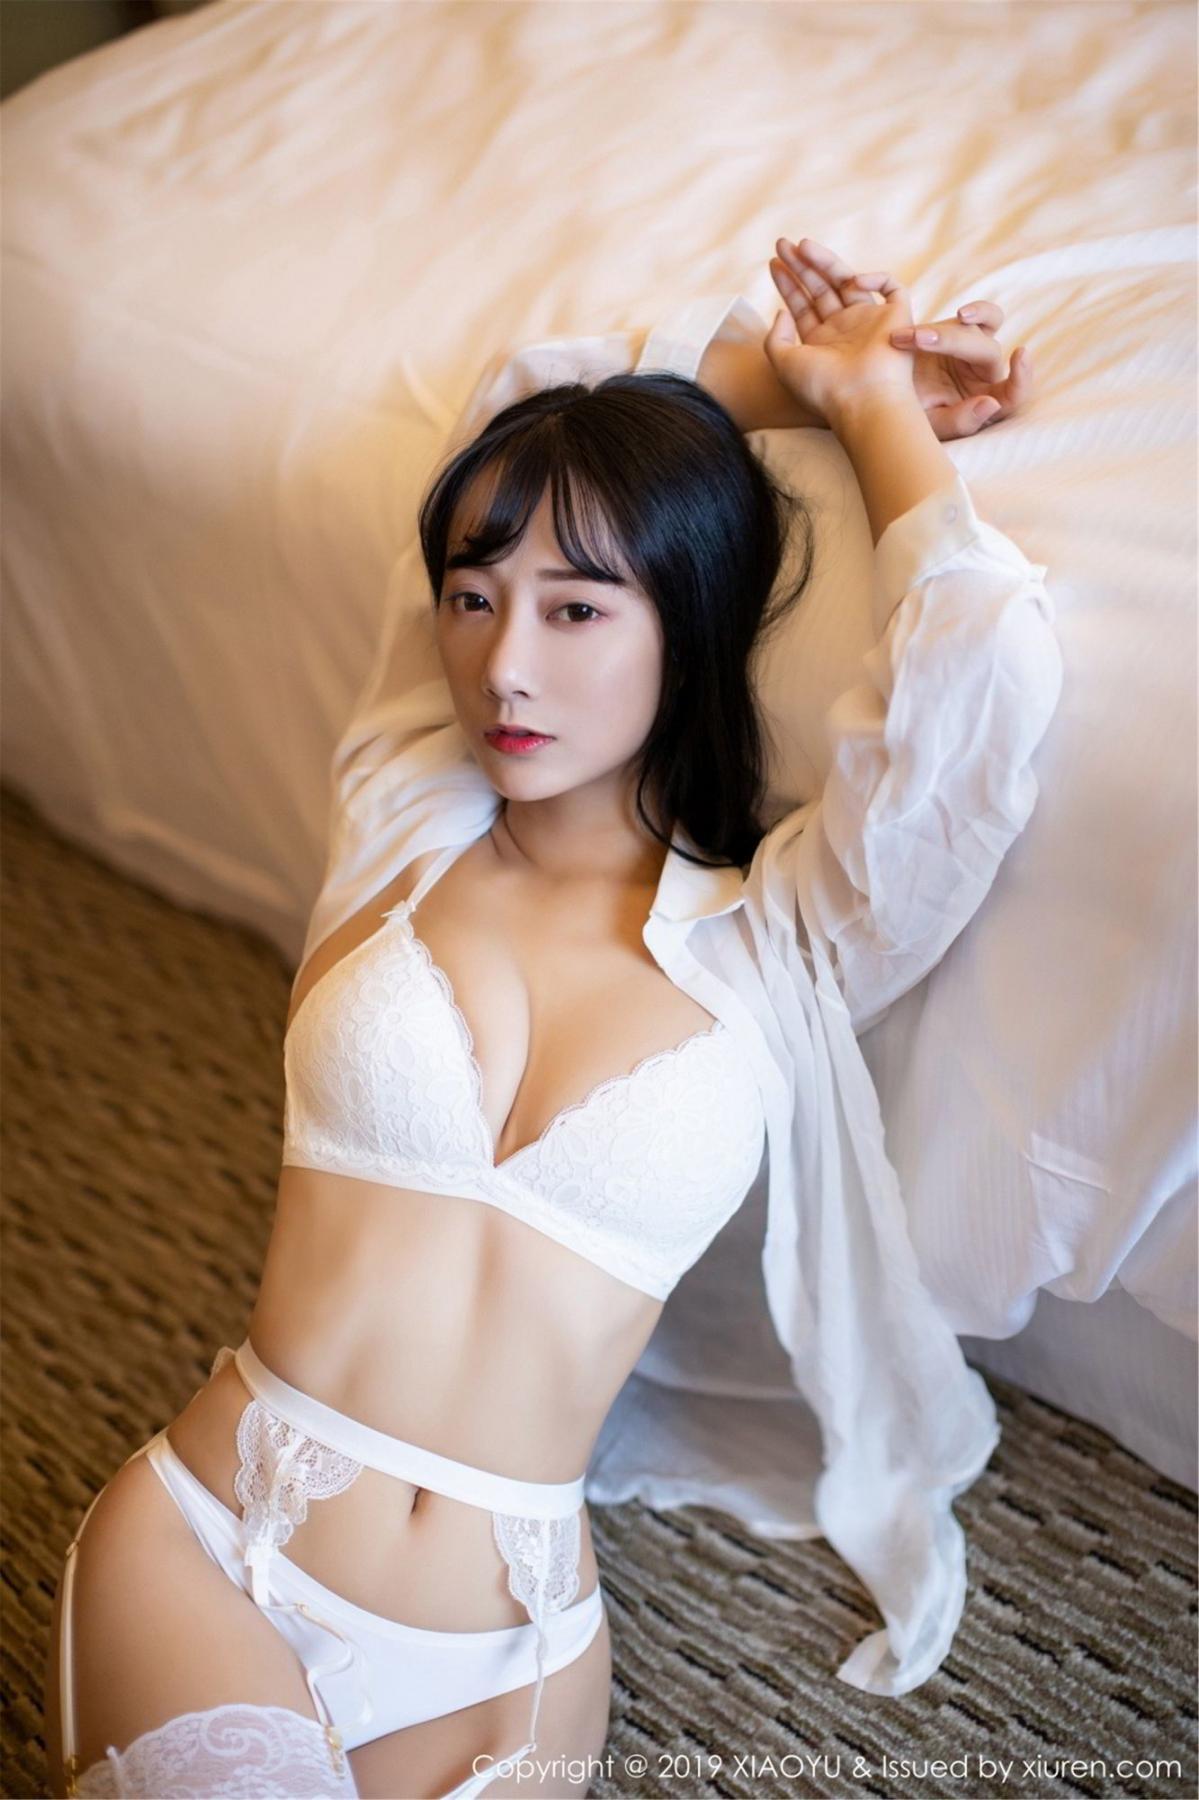 [XiaoYu] Vol.076 He Jia Ying 13P, He Jia Ying, Underwear, XiaoYu